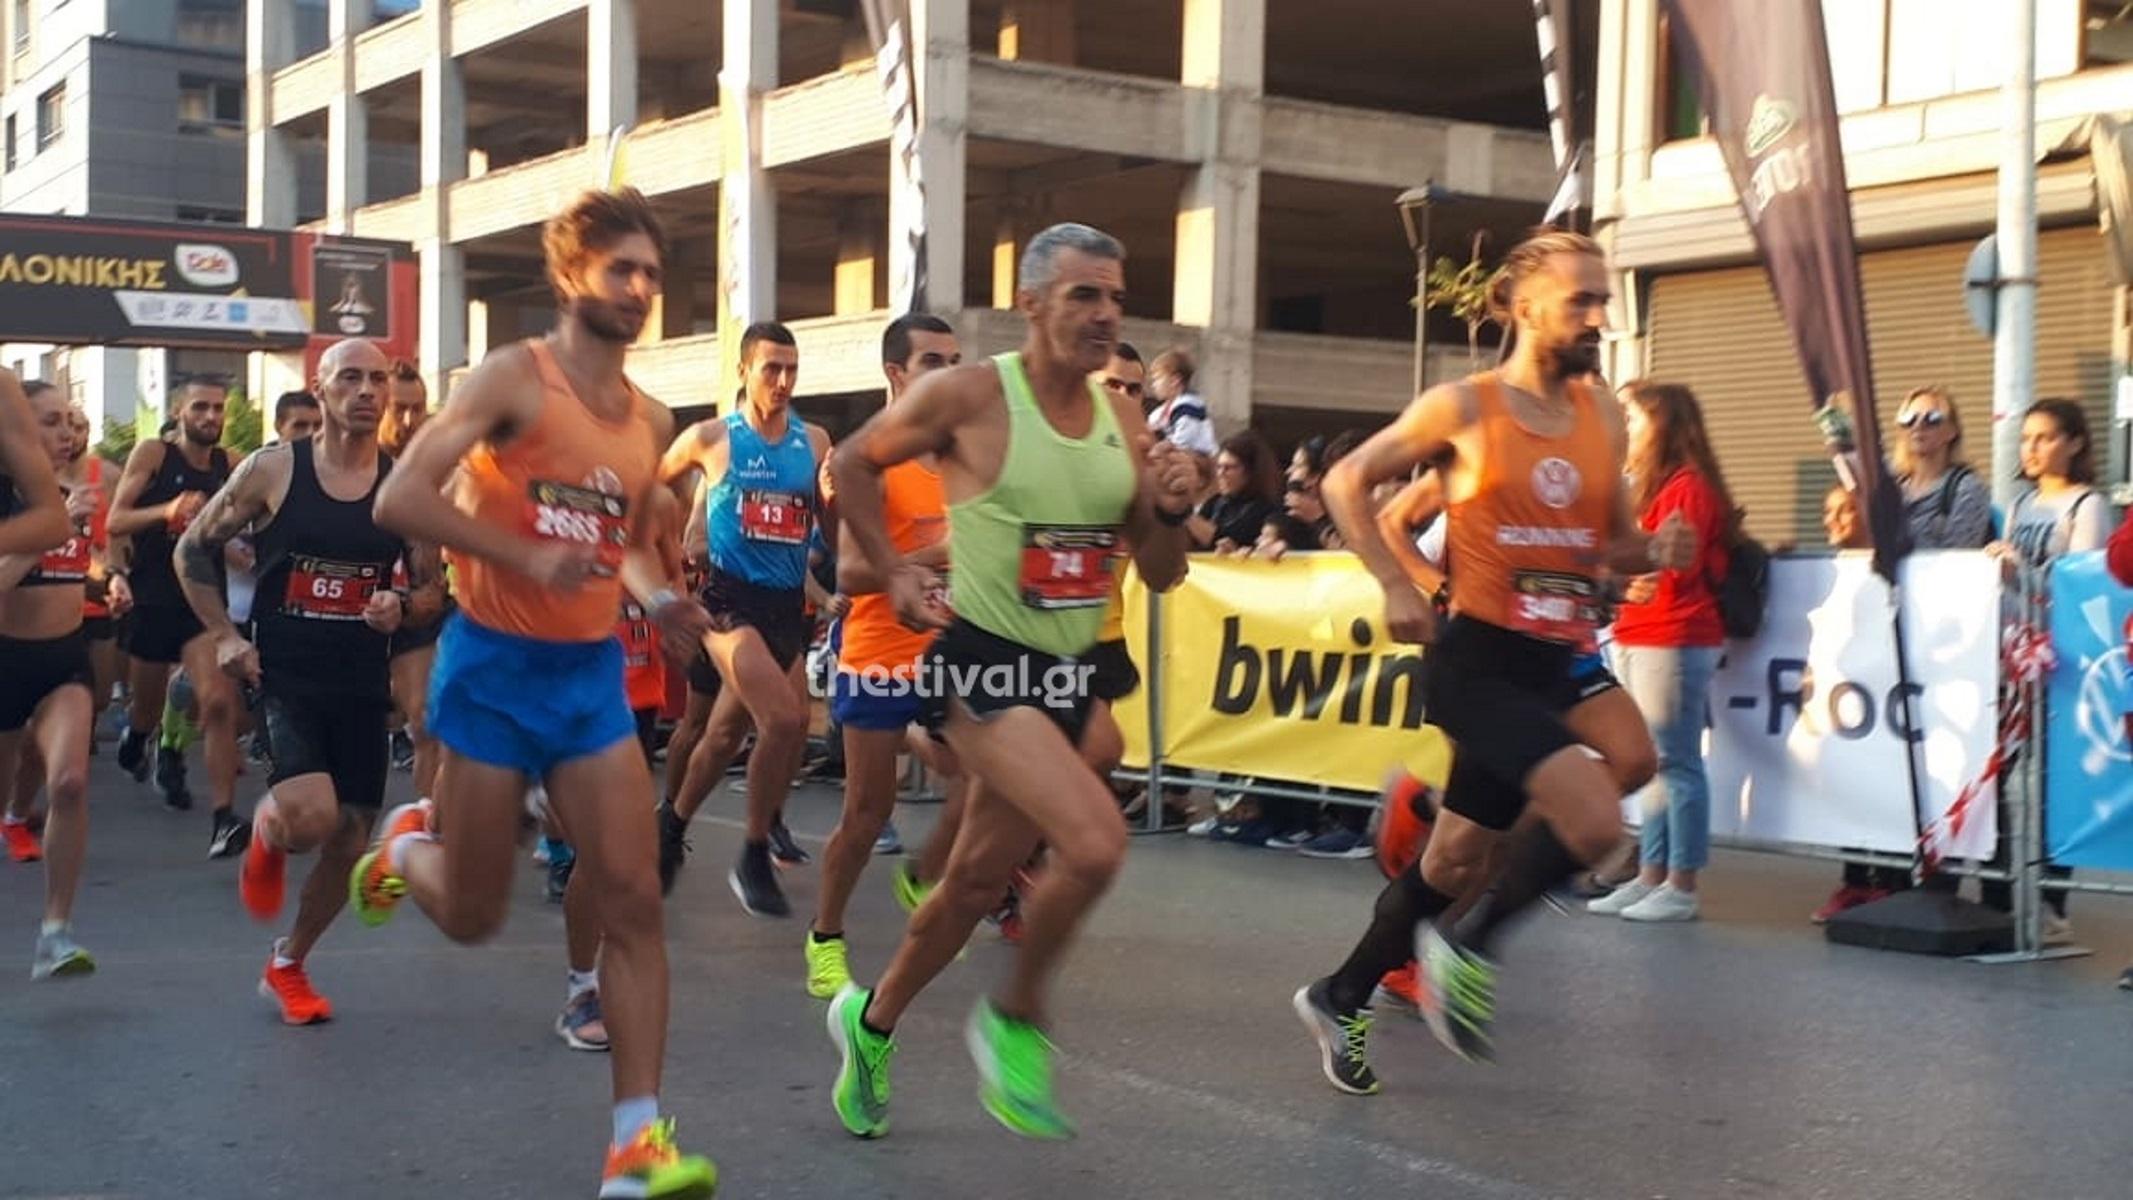 Θεσσαλονίκη: Ξεκίνησε ο 8ος Διεθνής Νυχτερινός Ημιμαραθώνιος